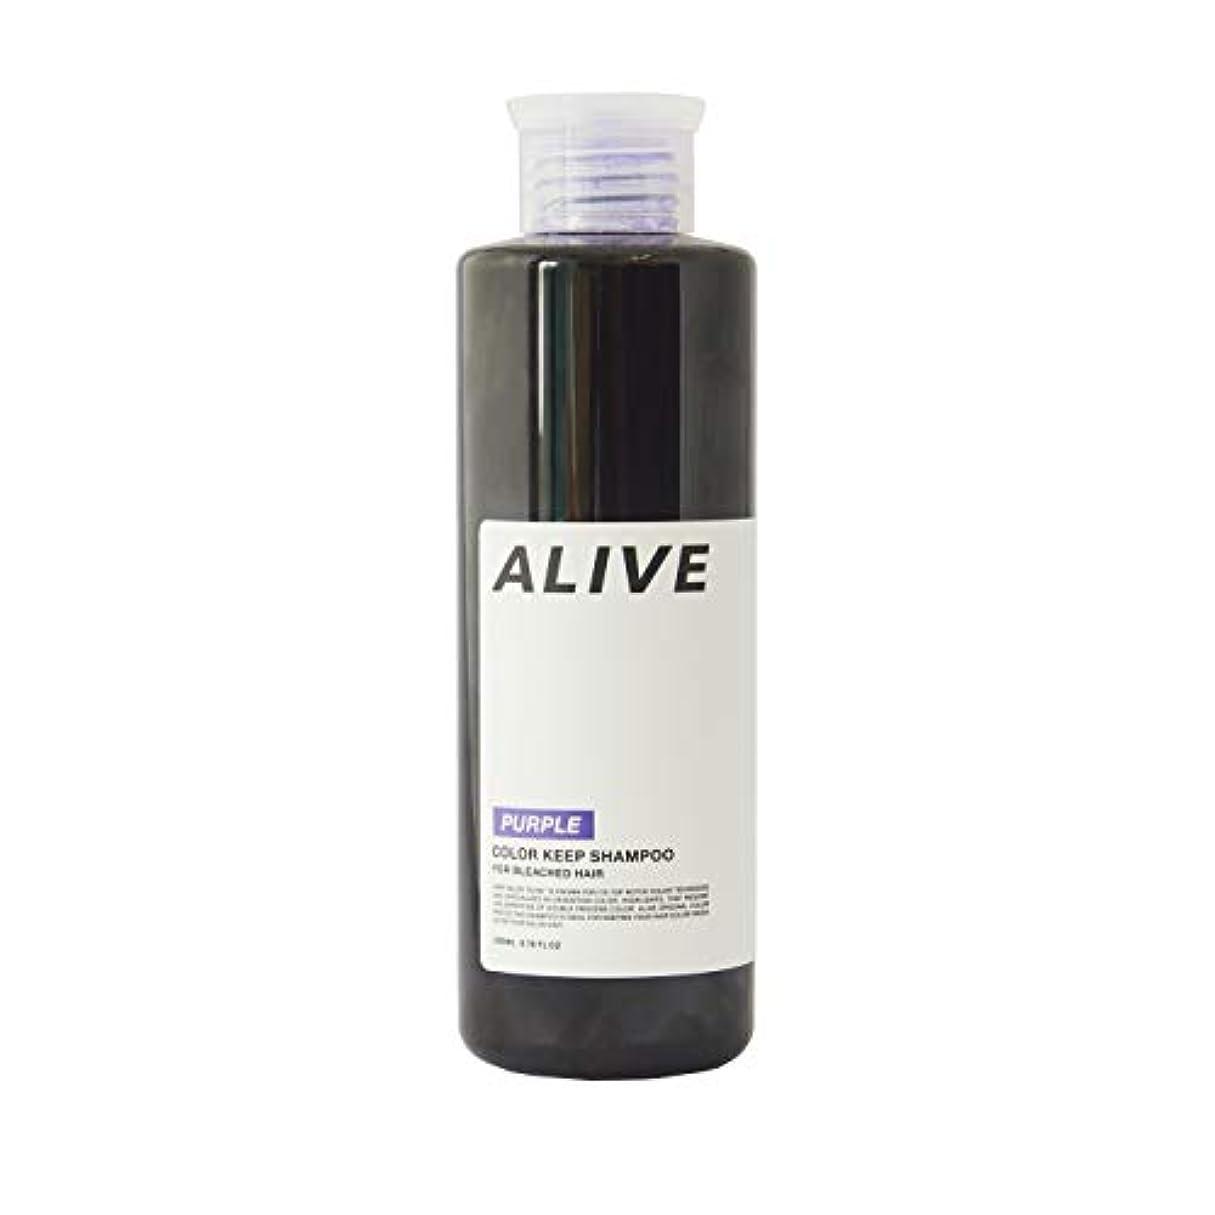 クラック差し控える約束するALIVE アライブ カラーシャンプー 極濃 紫シャンプー 200ml ムラサキ パープル ムラシャン ムラサキシャンプー